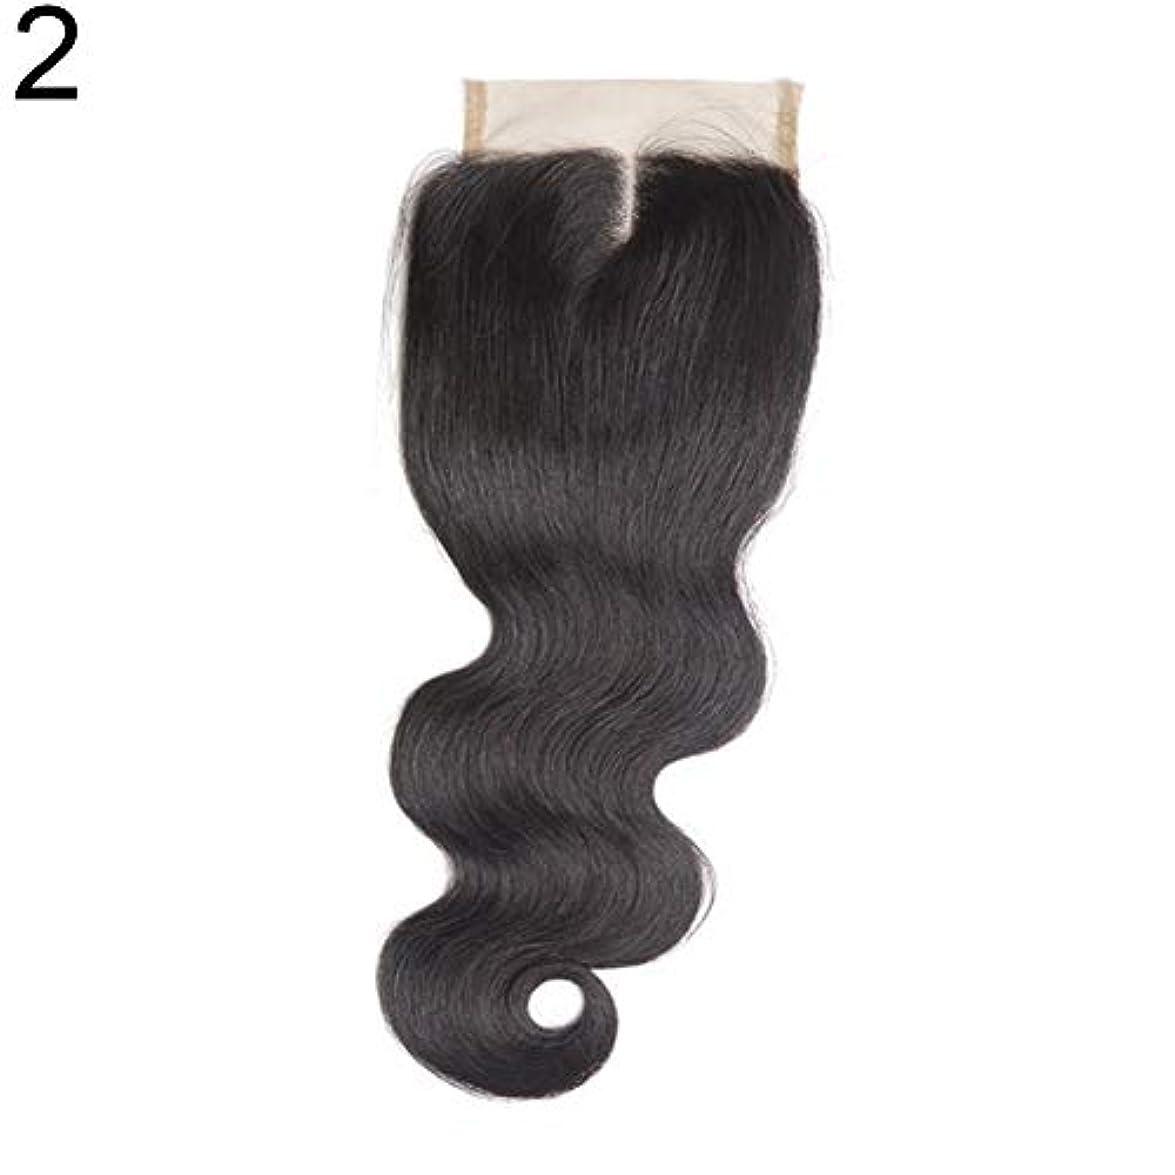 日付付きめるアスレチックslQinjiansav女性ウィッグ修理ツールブラジルのミドル/フリー/3部人間の髪のレース閉鎖ウィッグ黒ヘアピース